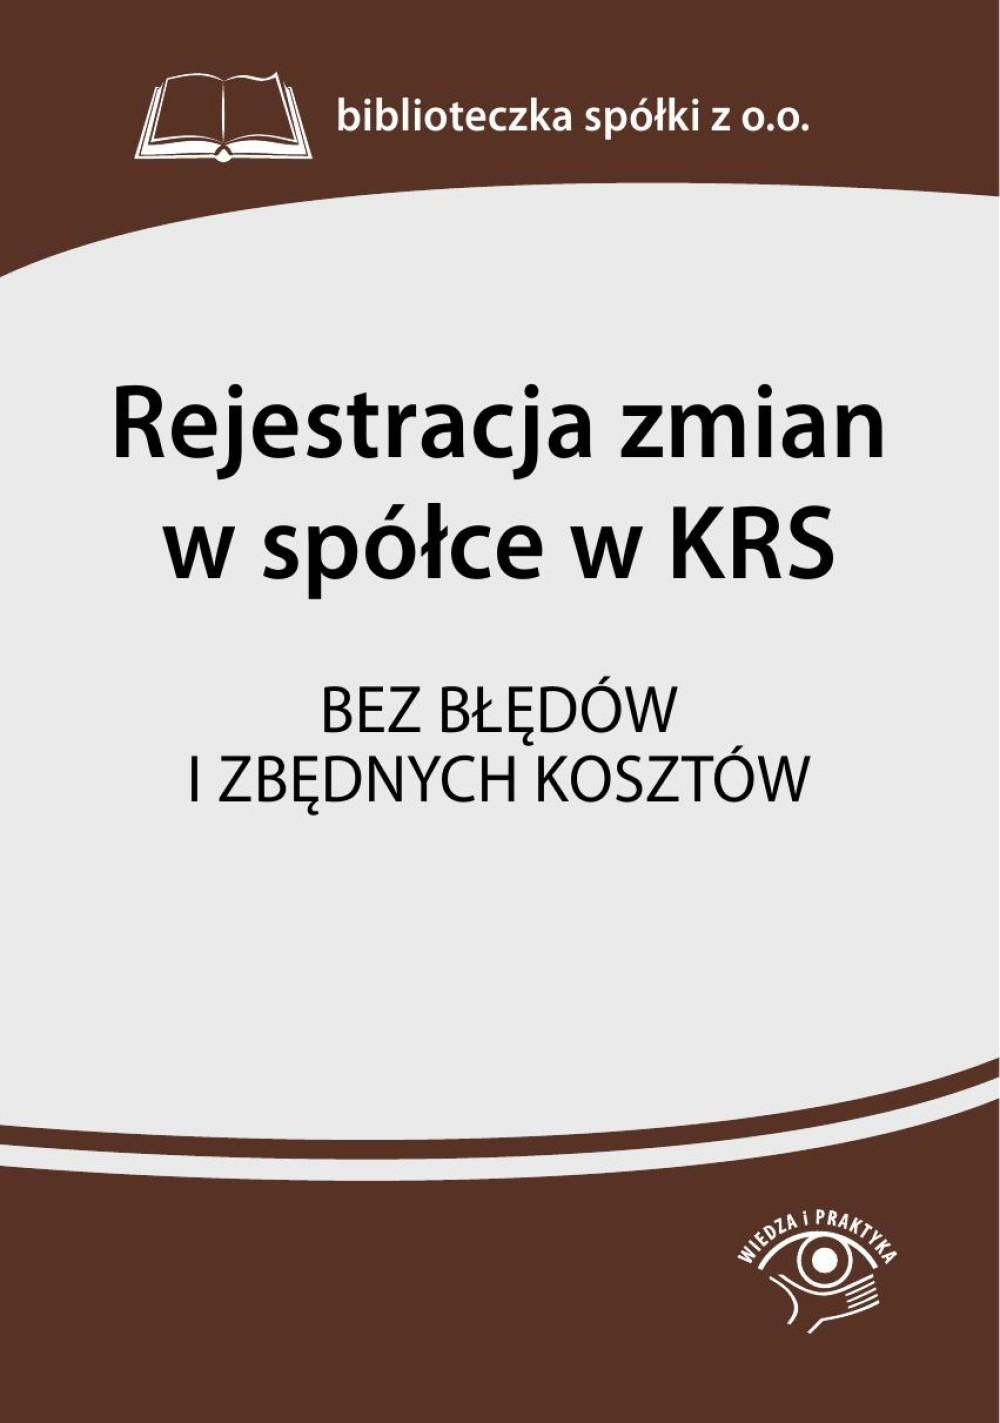 :: Rejestracja zmian w spółce w KRS. Bez błędów i zbędnych kosztów - ebook - pobierz e-book ::